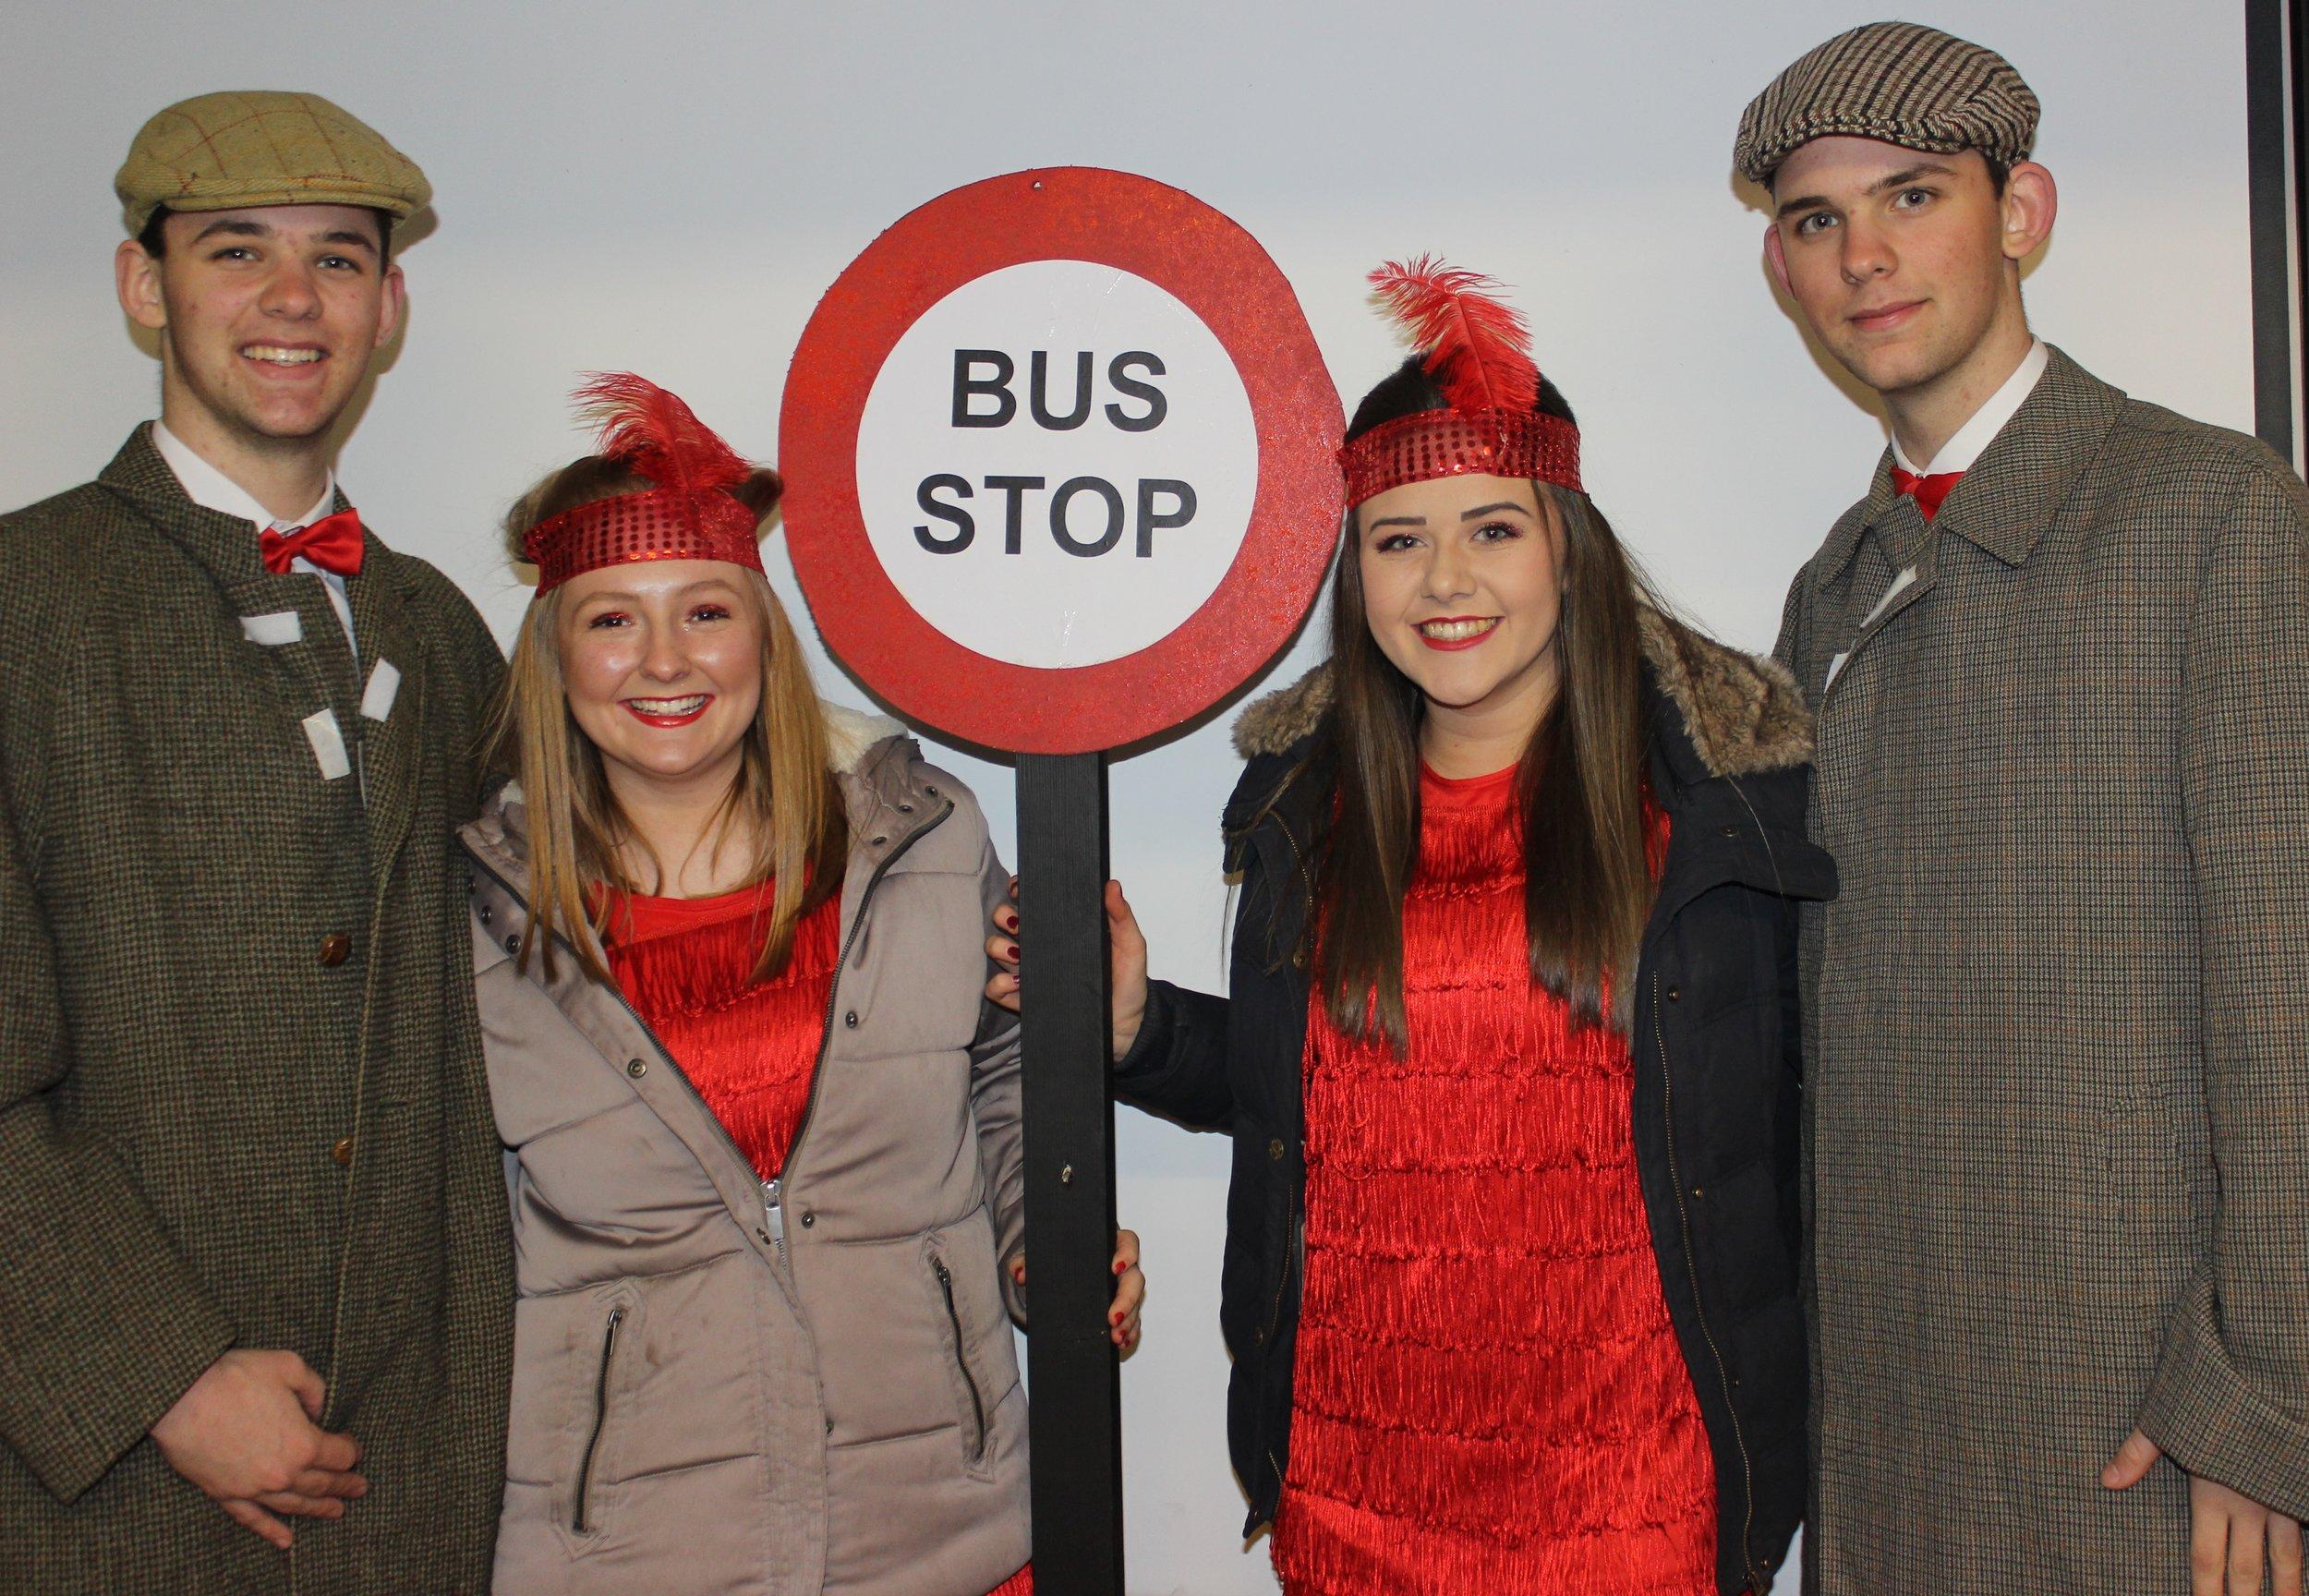 James Powell, Lauren Jones, Lauren Bradford & Dan Powell - winners of the One Plus competition.